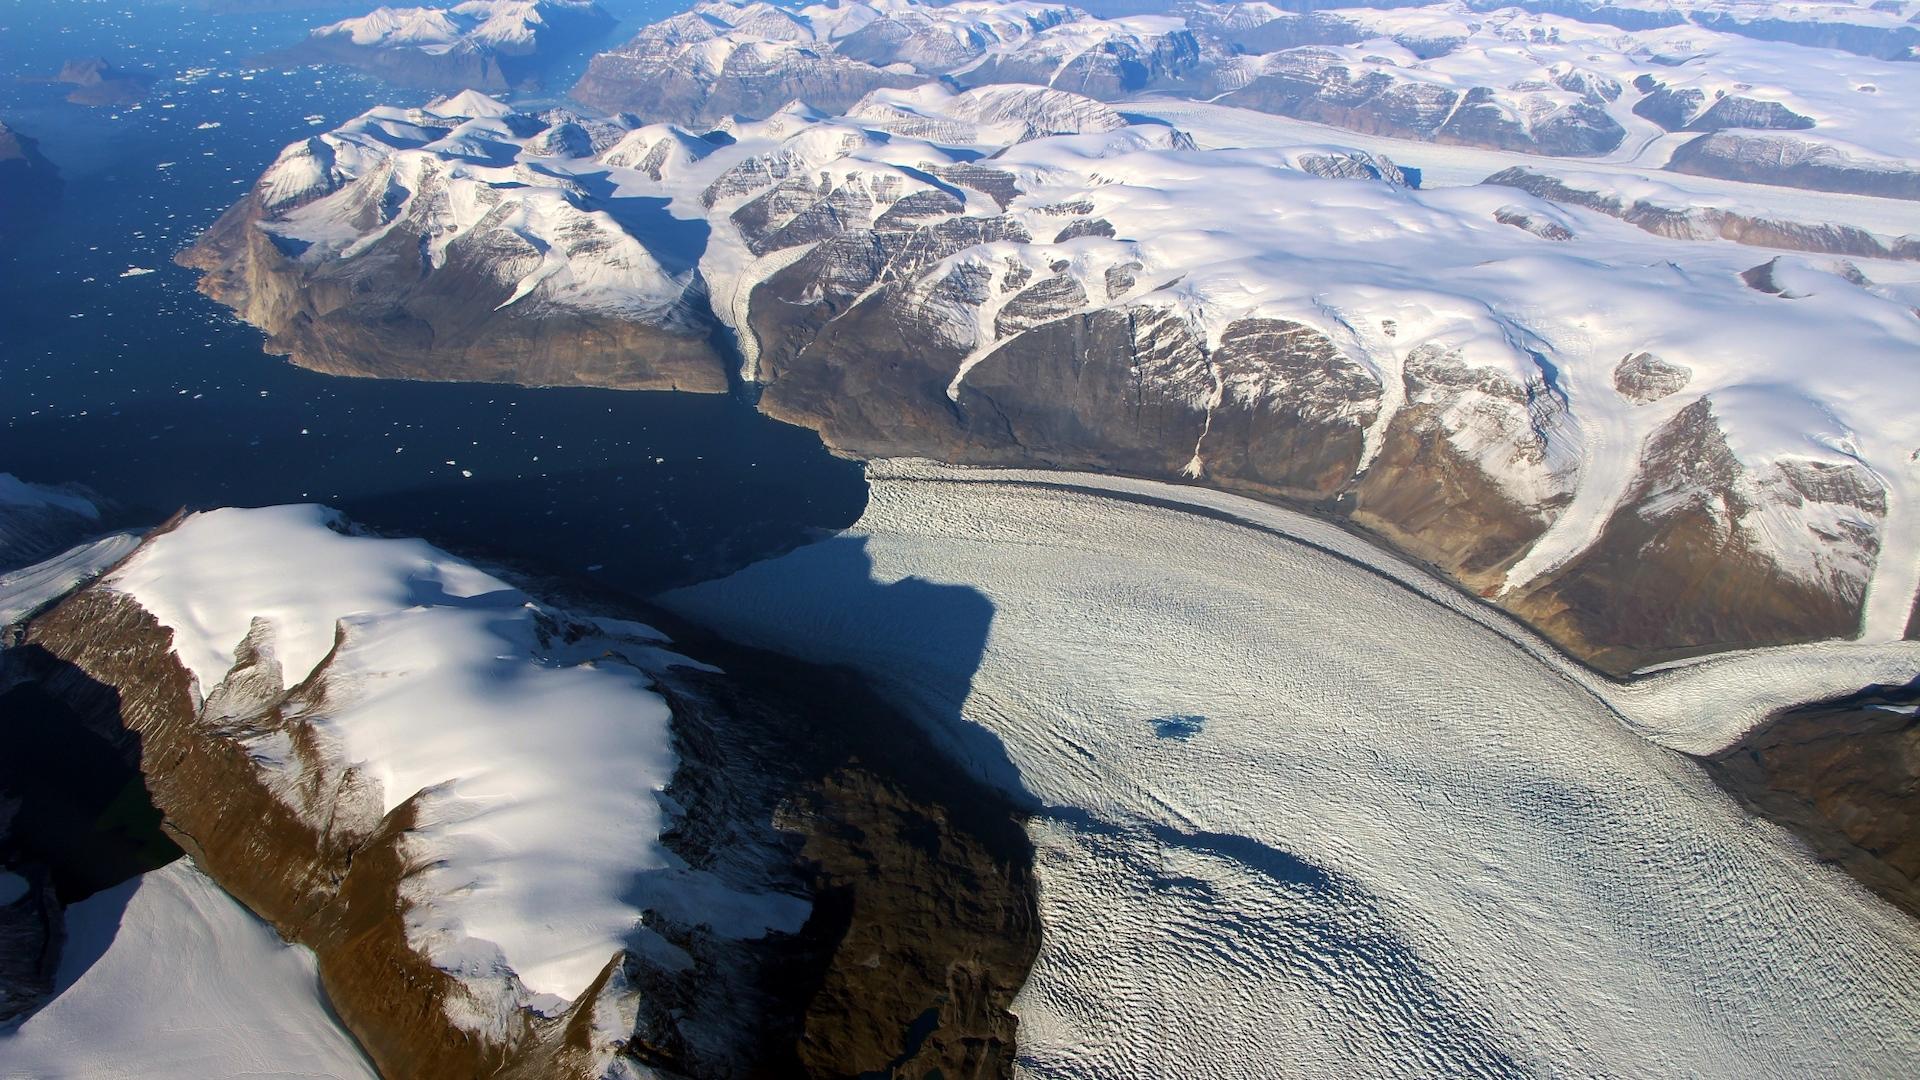 Calentamiento global: la desaparición del hielo en Groenlandia llegó a un punto sin retorno